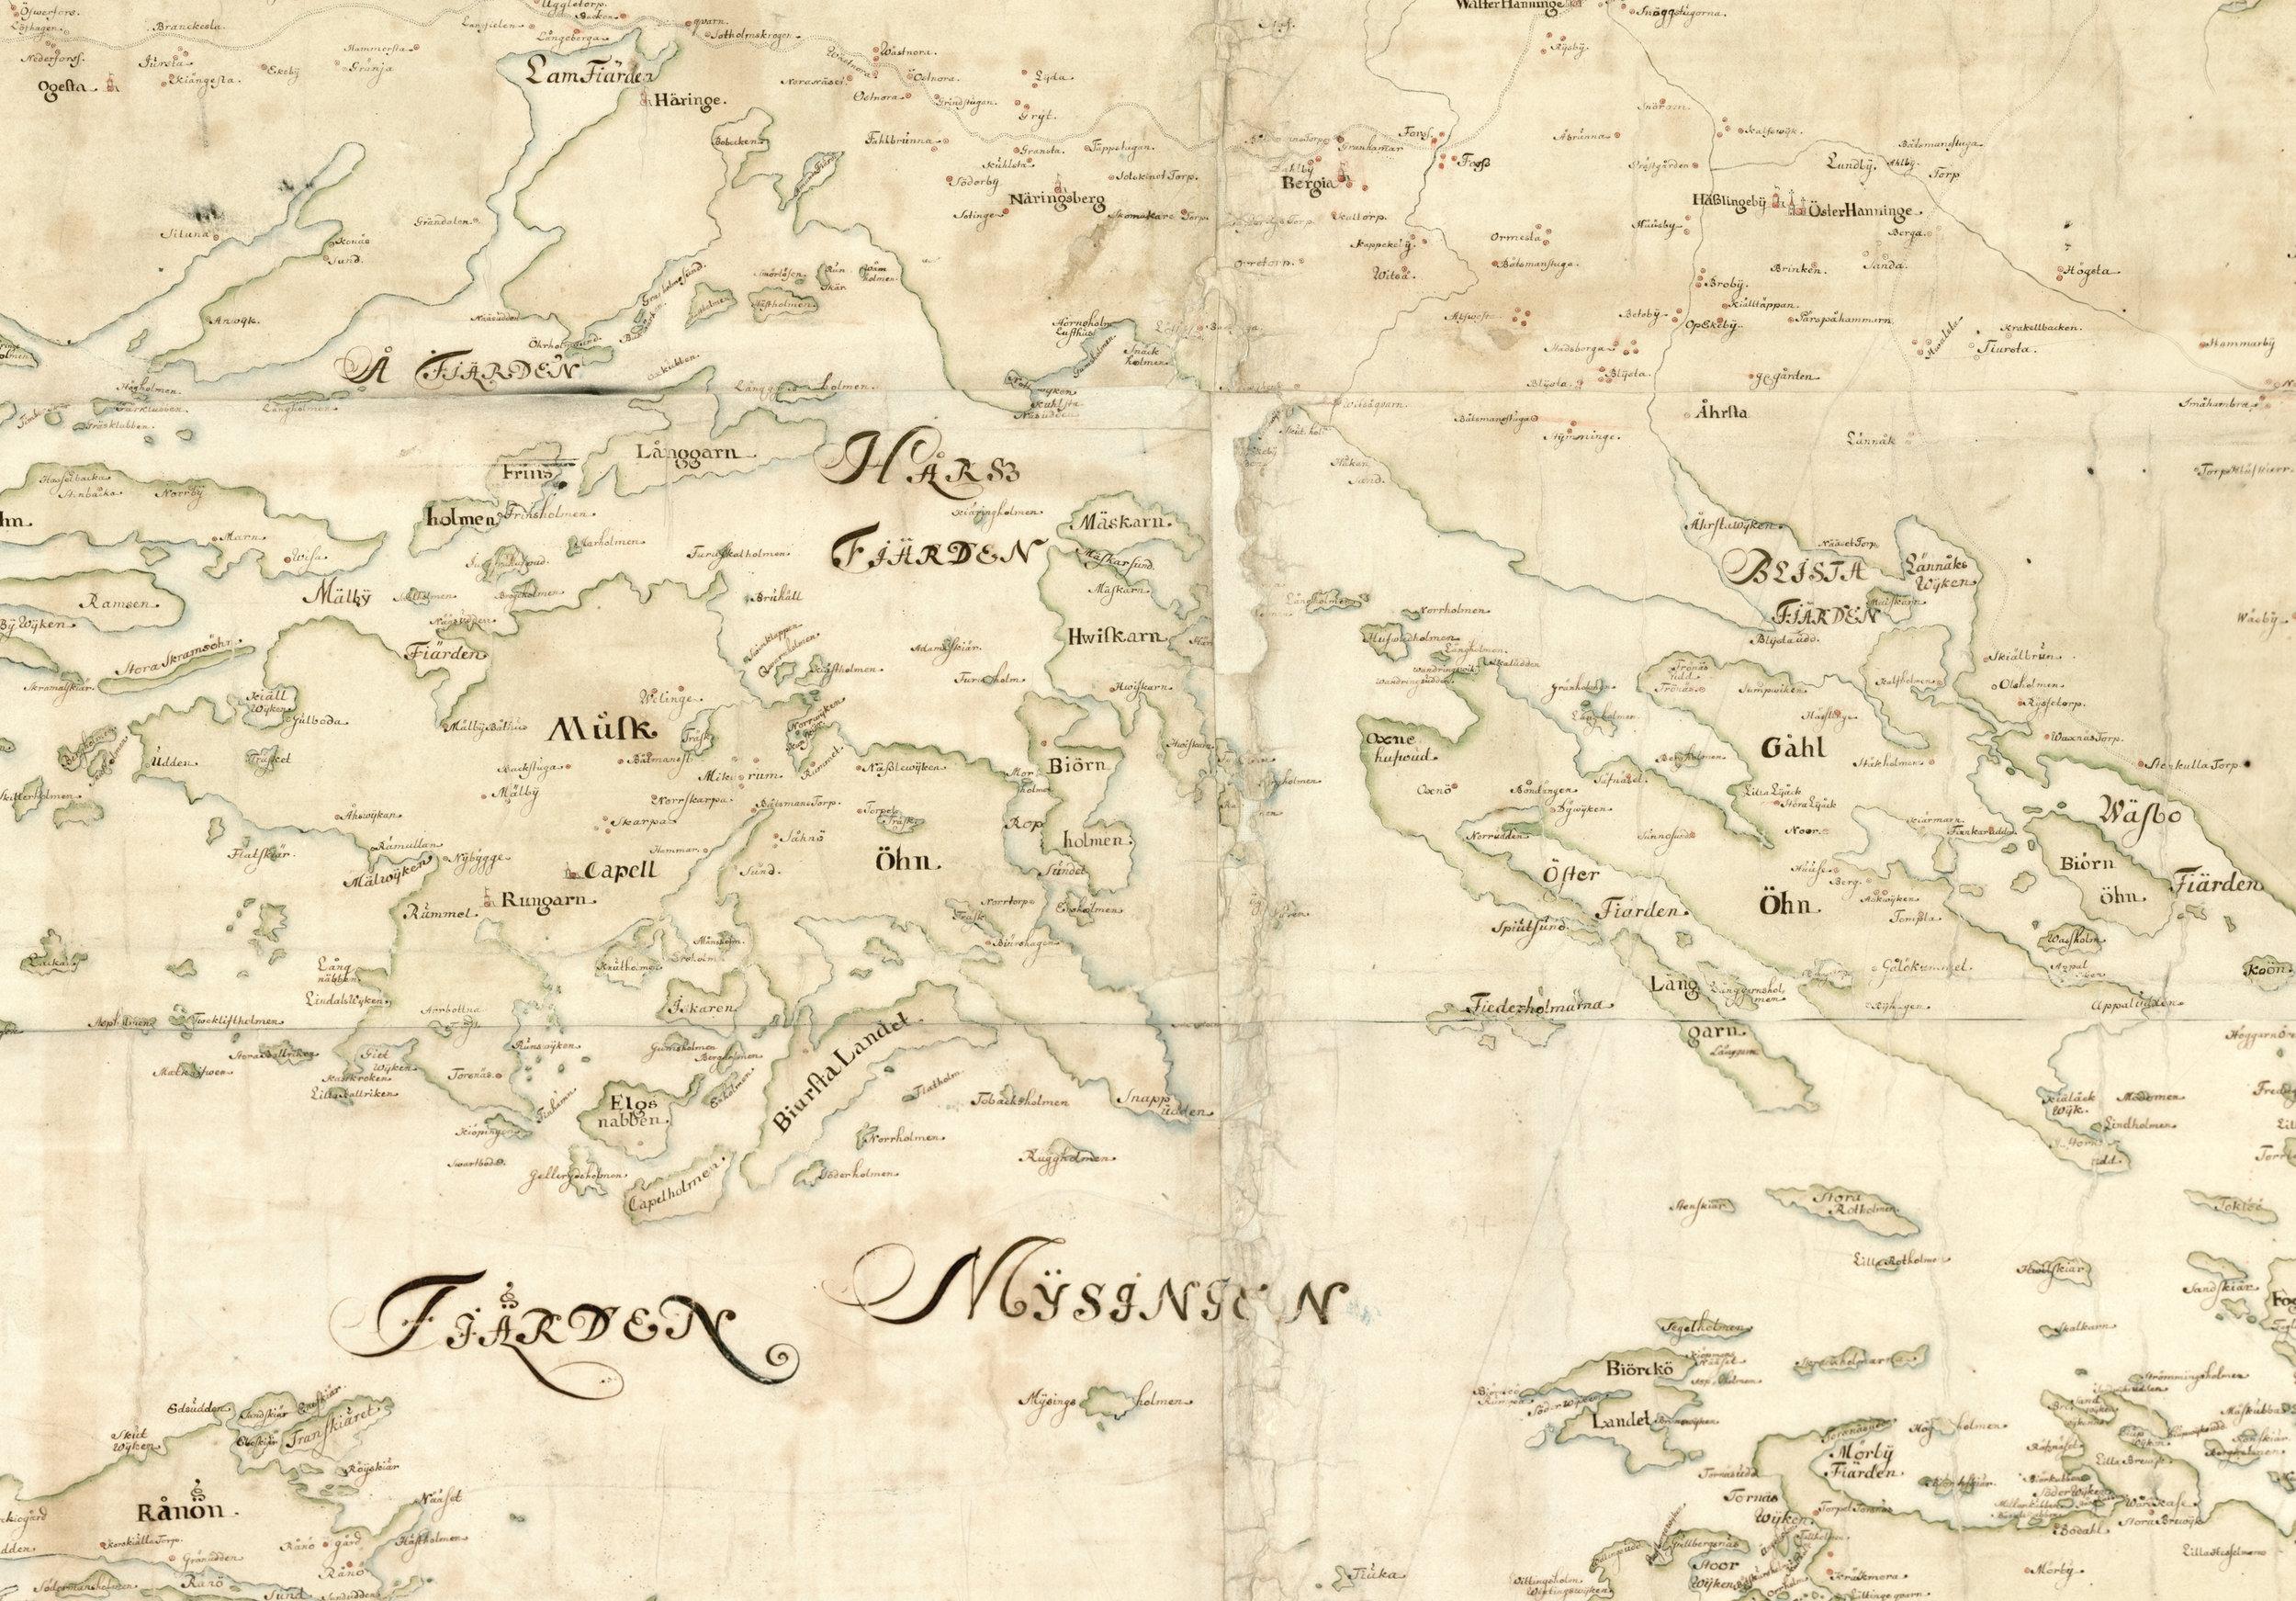 Gålö, Muskö samt närliggande öar och fastland på Carl Gripenhielms skärgårdskarta från 1690-talet. Väderstrecken är förvridna.